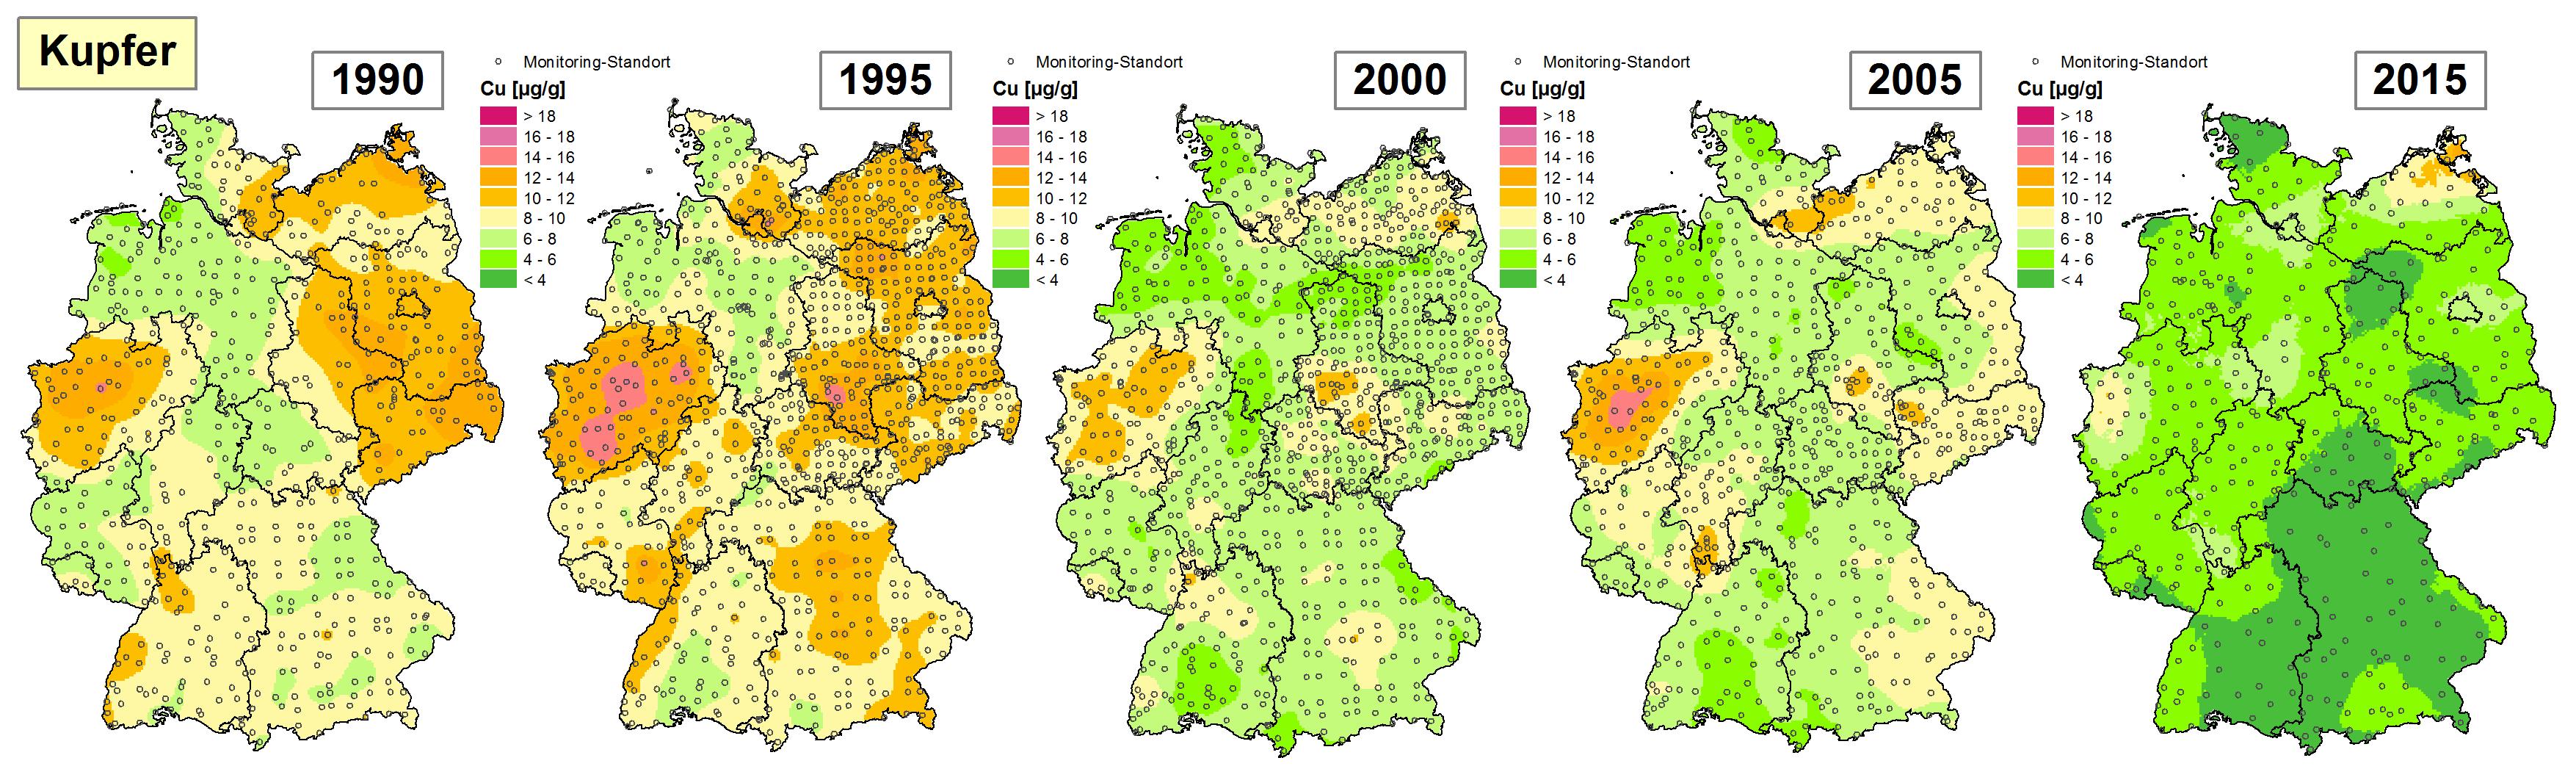 Die Grafik zeigt die Höhe der Bioakkumulation von Kupfer und Entwicklung dieser Konzentration von 1990 bis 2015/16 in Deutschland.